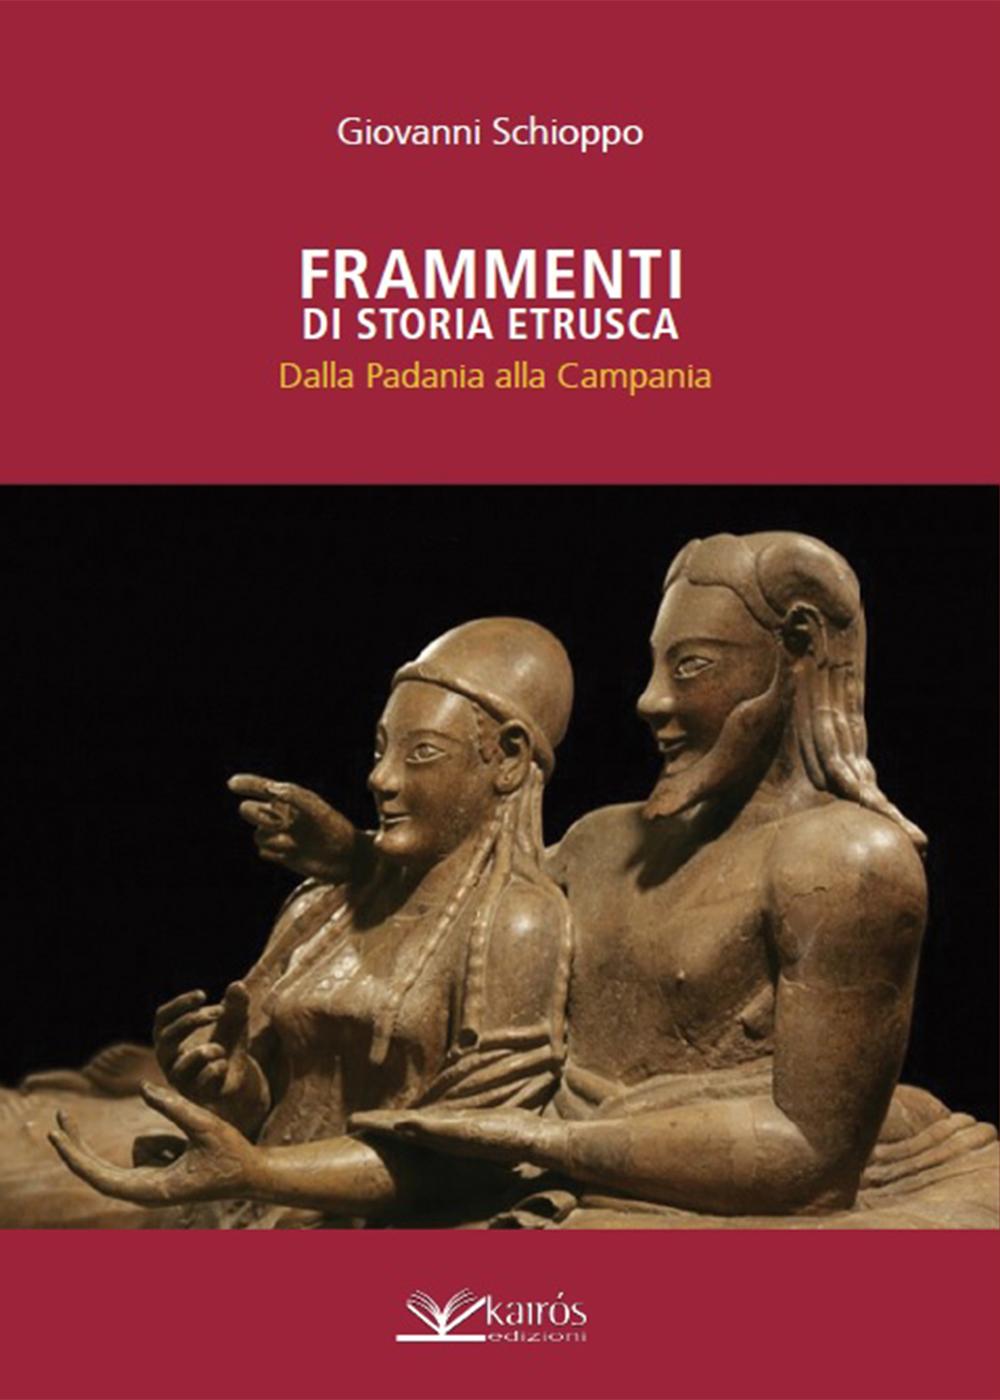 Presentazione del volume FRAMMENTI DI STORIA ETRUSCA di Giovanni Schioppo, edizioni Kairòs